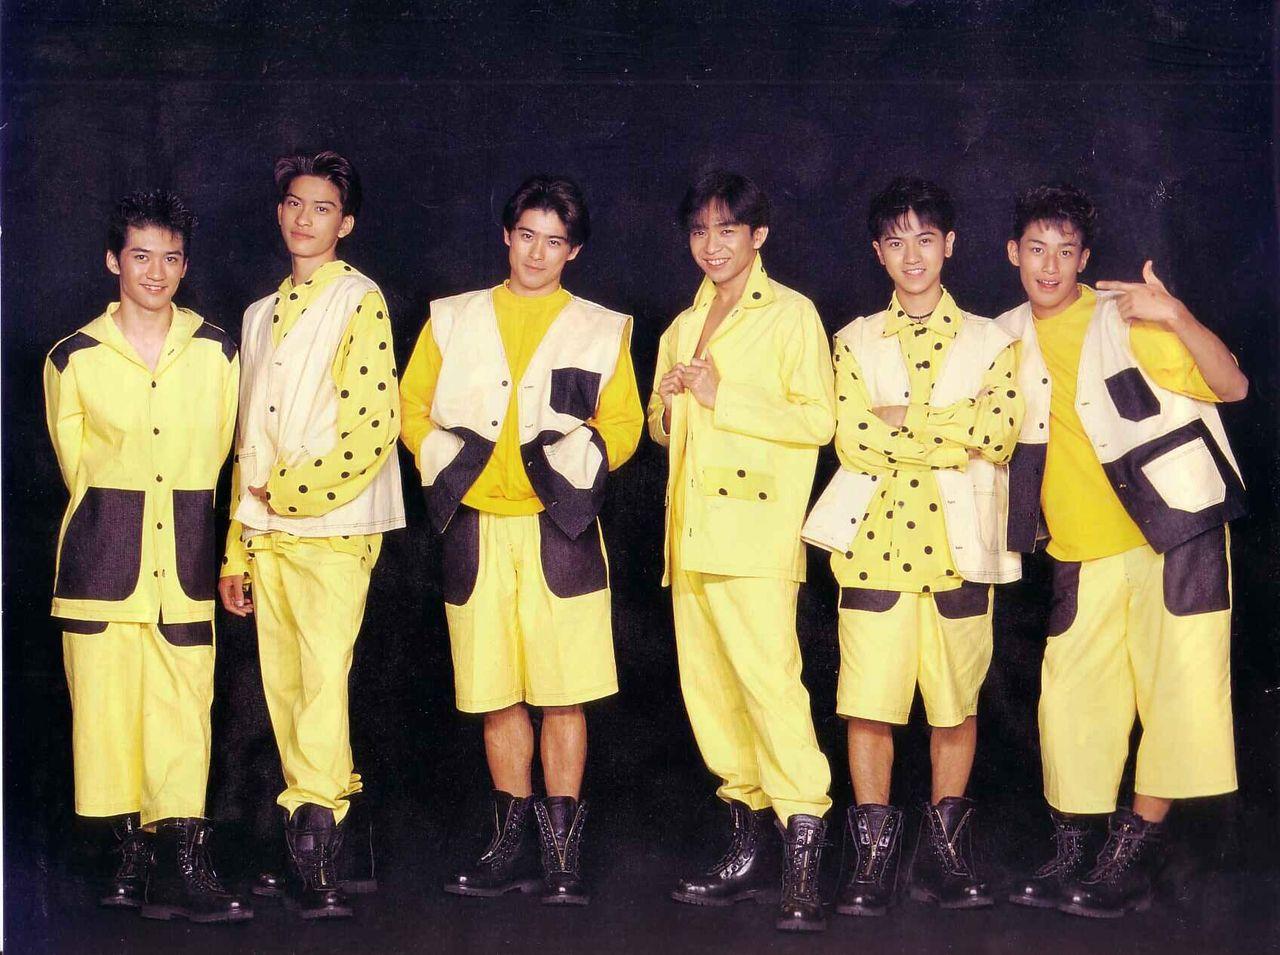 【エンタメ画像】《衝撃の事実》長瀬智也はボーカルじゃなかった!? 「TOKIO幻のメンバー」の存在ってよ♪♪♪♪♪♪